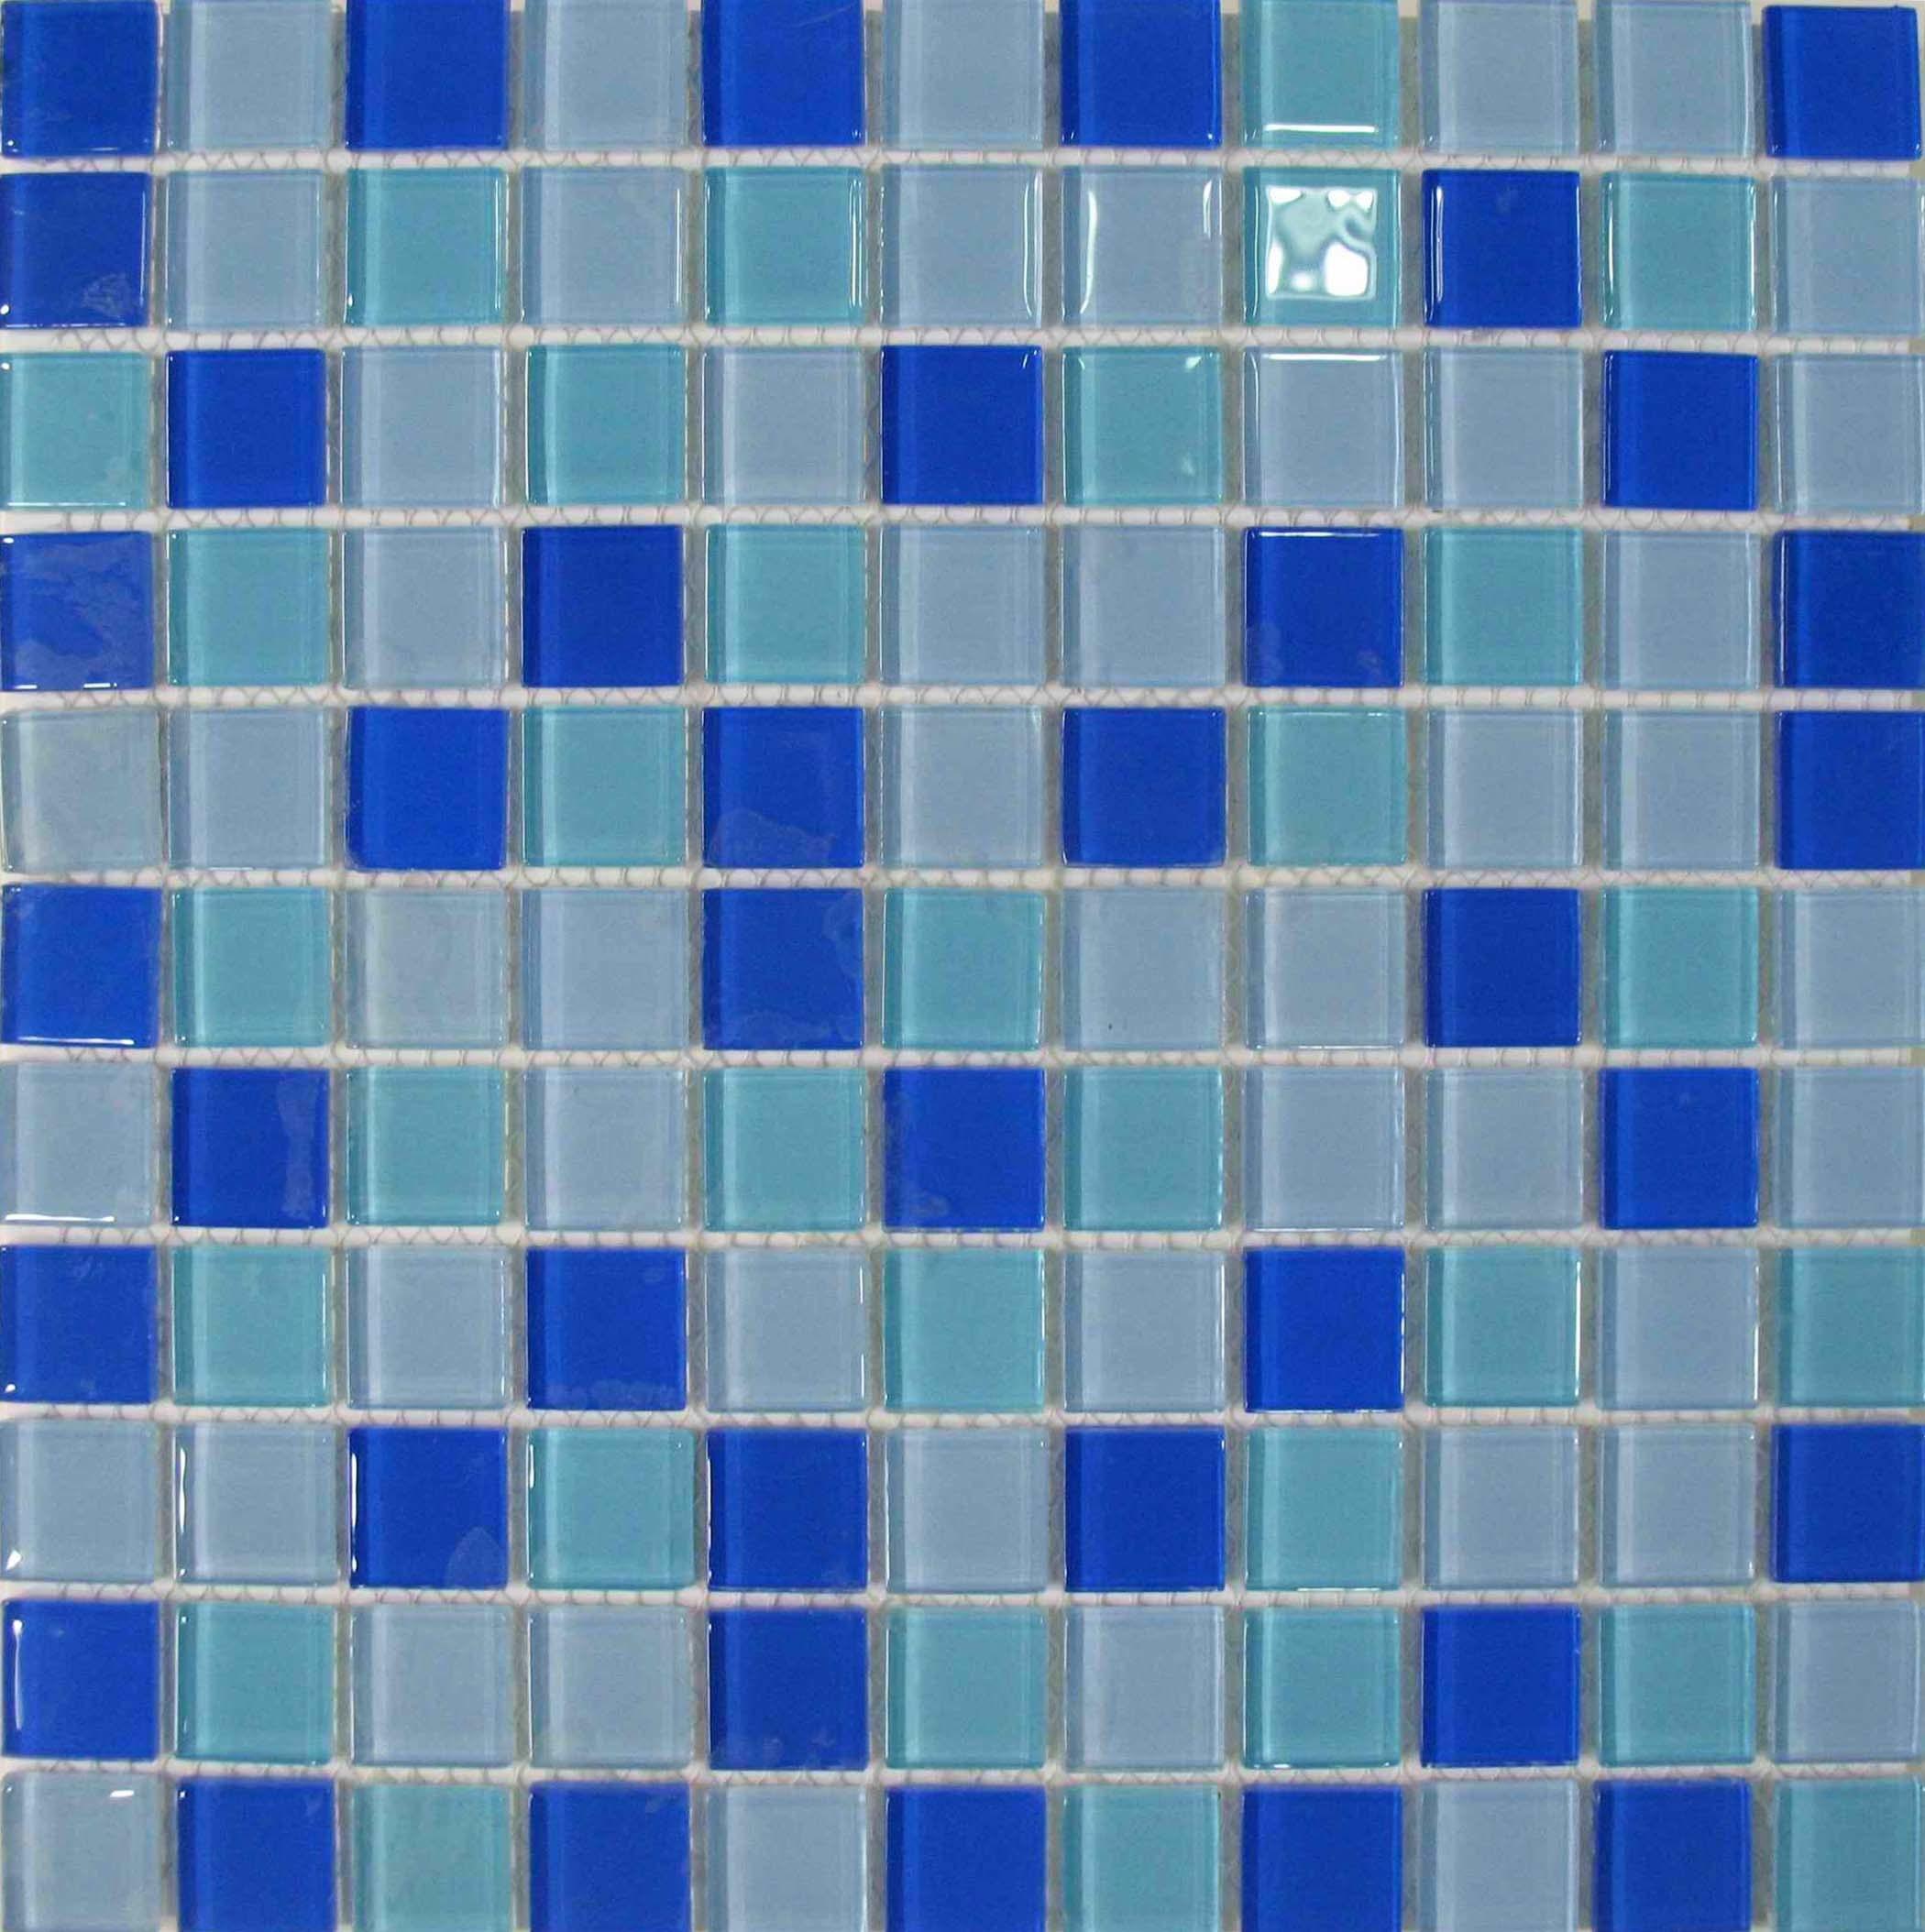 Azulejos Baño Mosaico:Azulejos de mosaico baratos, azulejo de mosaico del cuarto de baño